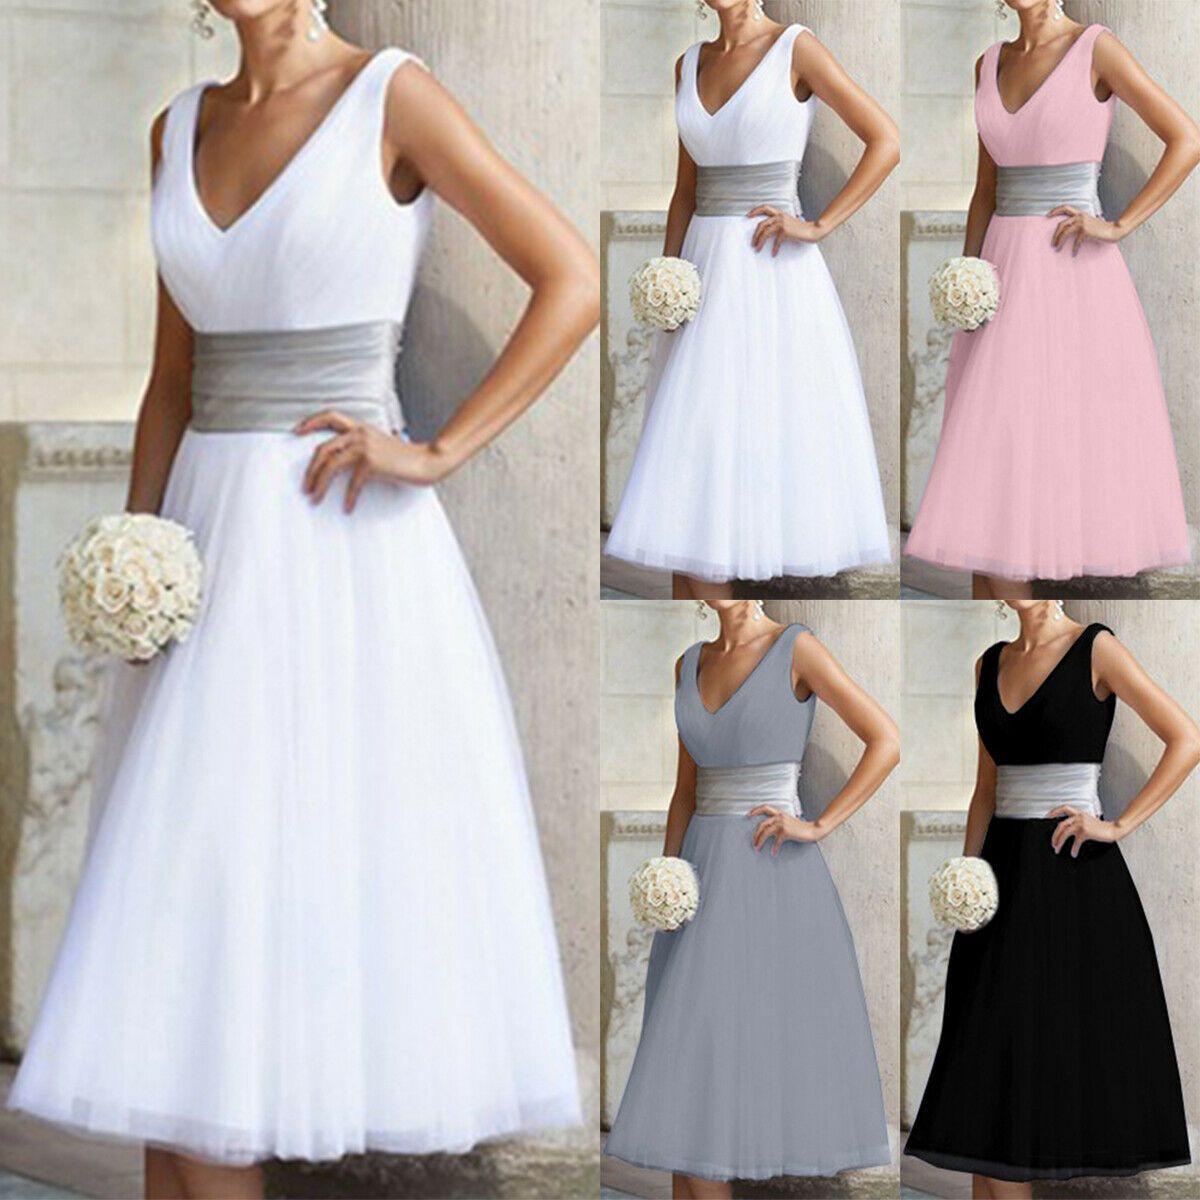 Formal Elegant Abend Kleid Für Hochzeit Bester Preis17 Genial Abend Kleid Für Hochzeit für 2019